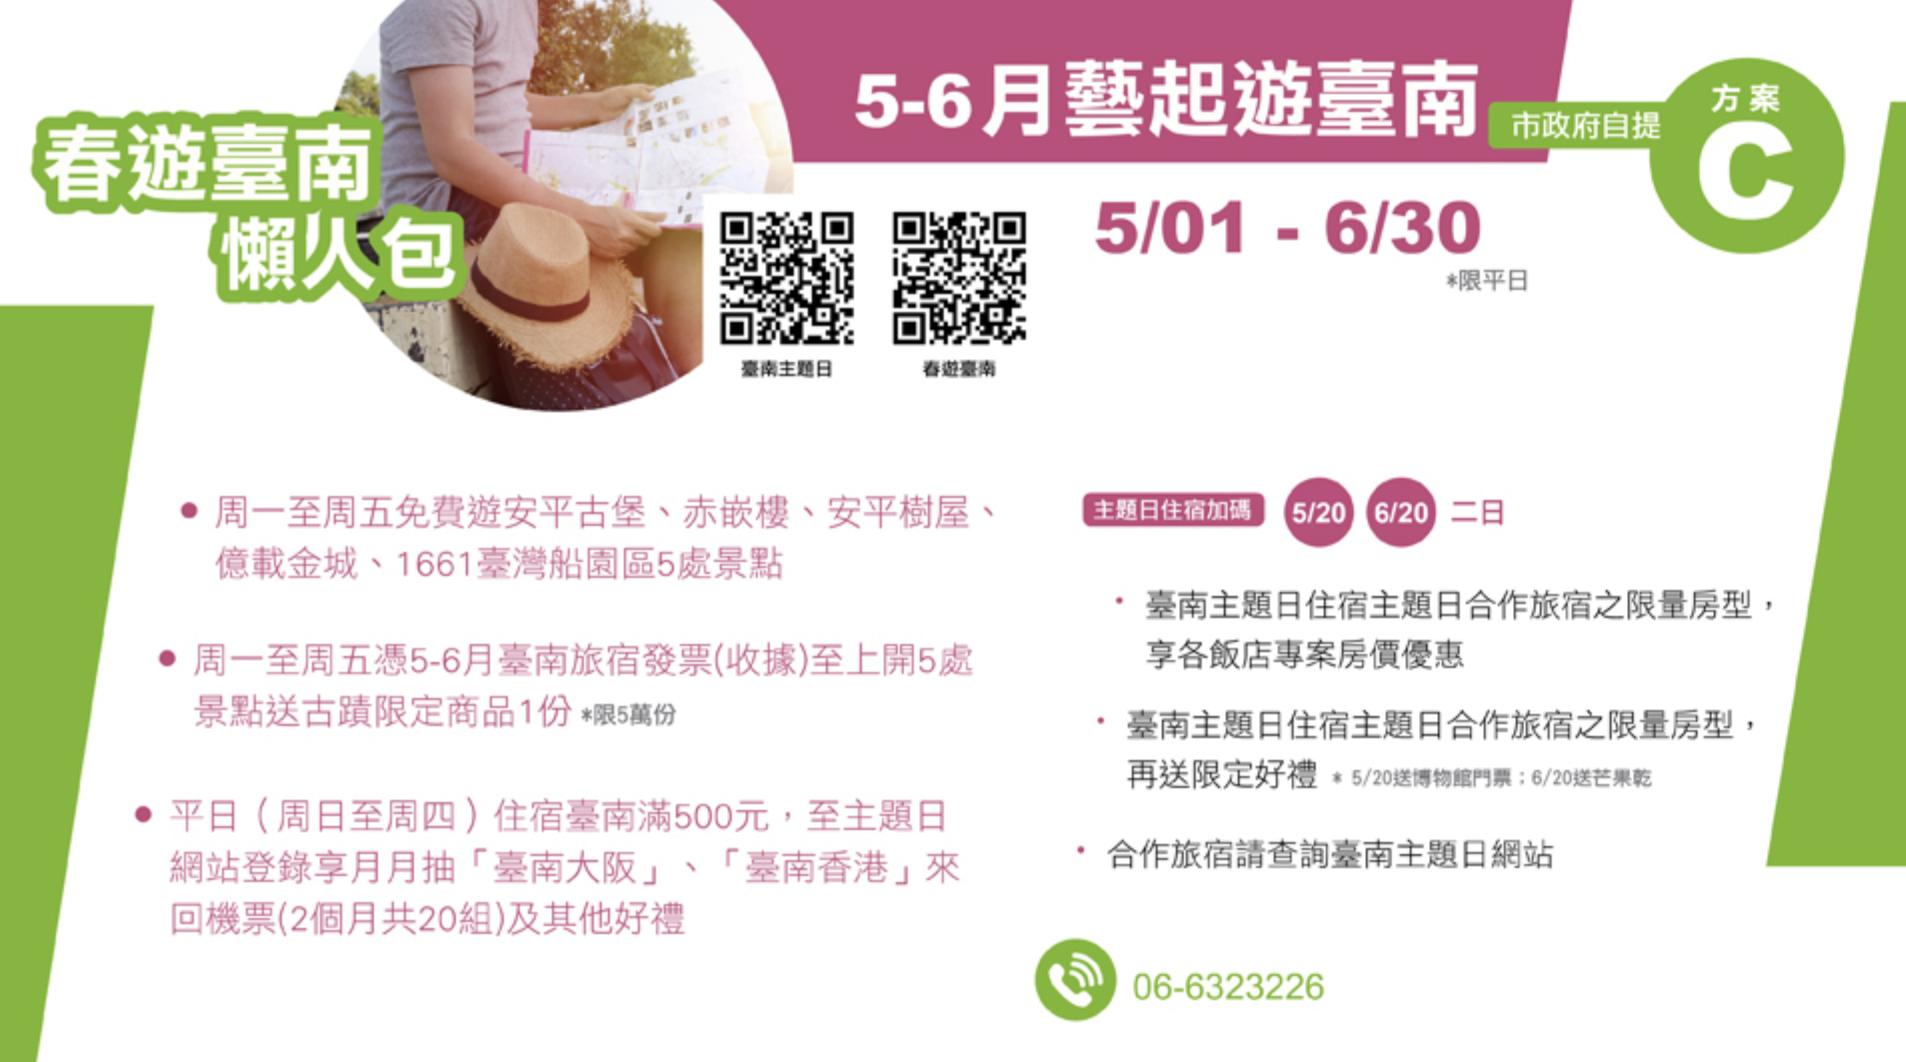 2019旅遊補助-台南春遊-04-妳好南搞